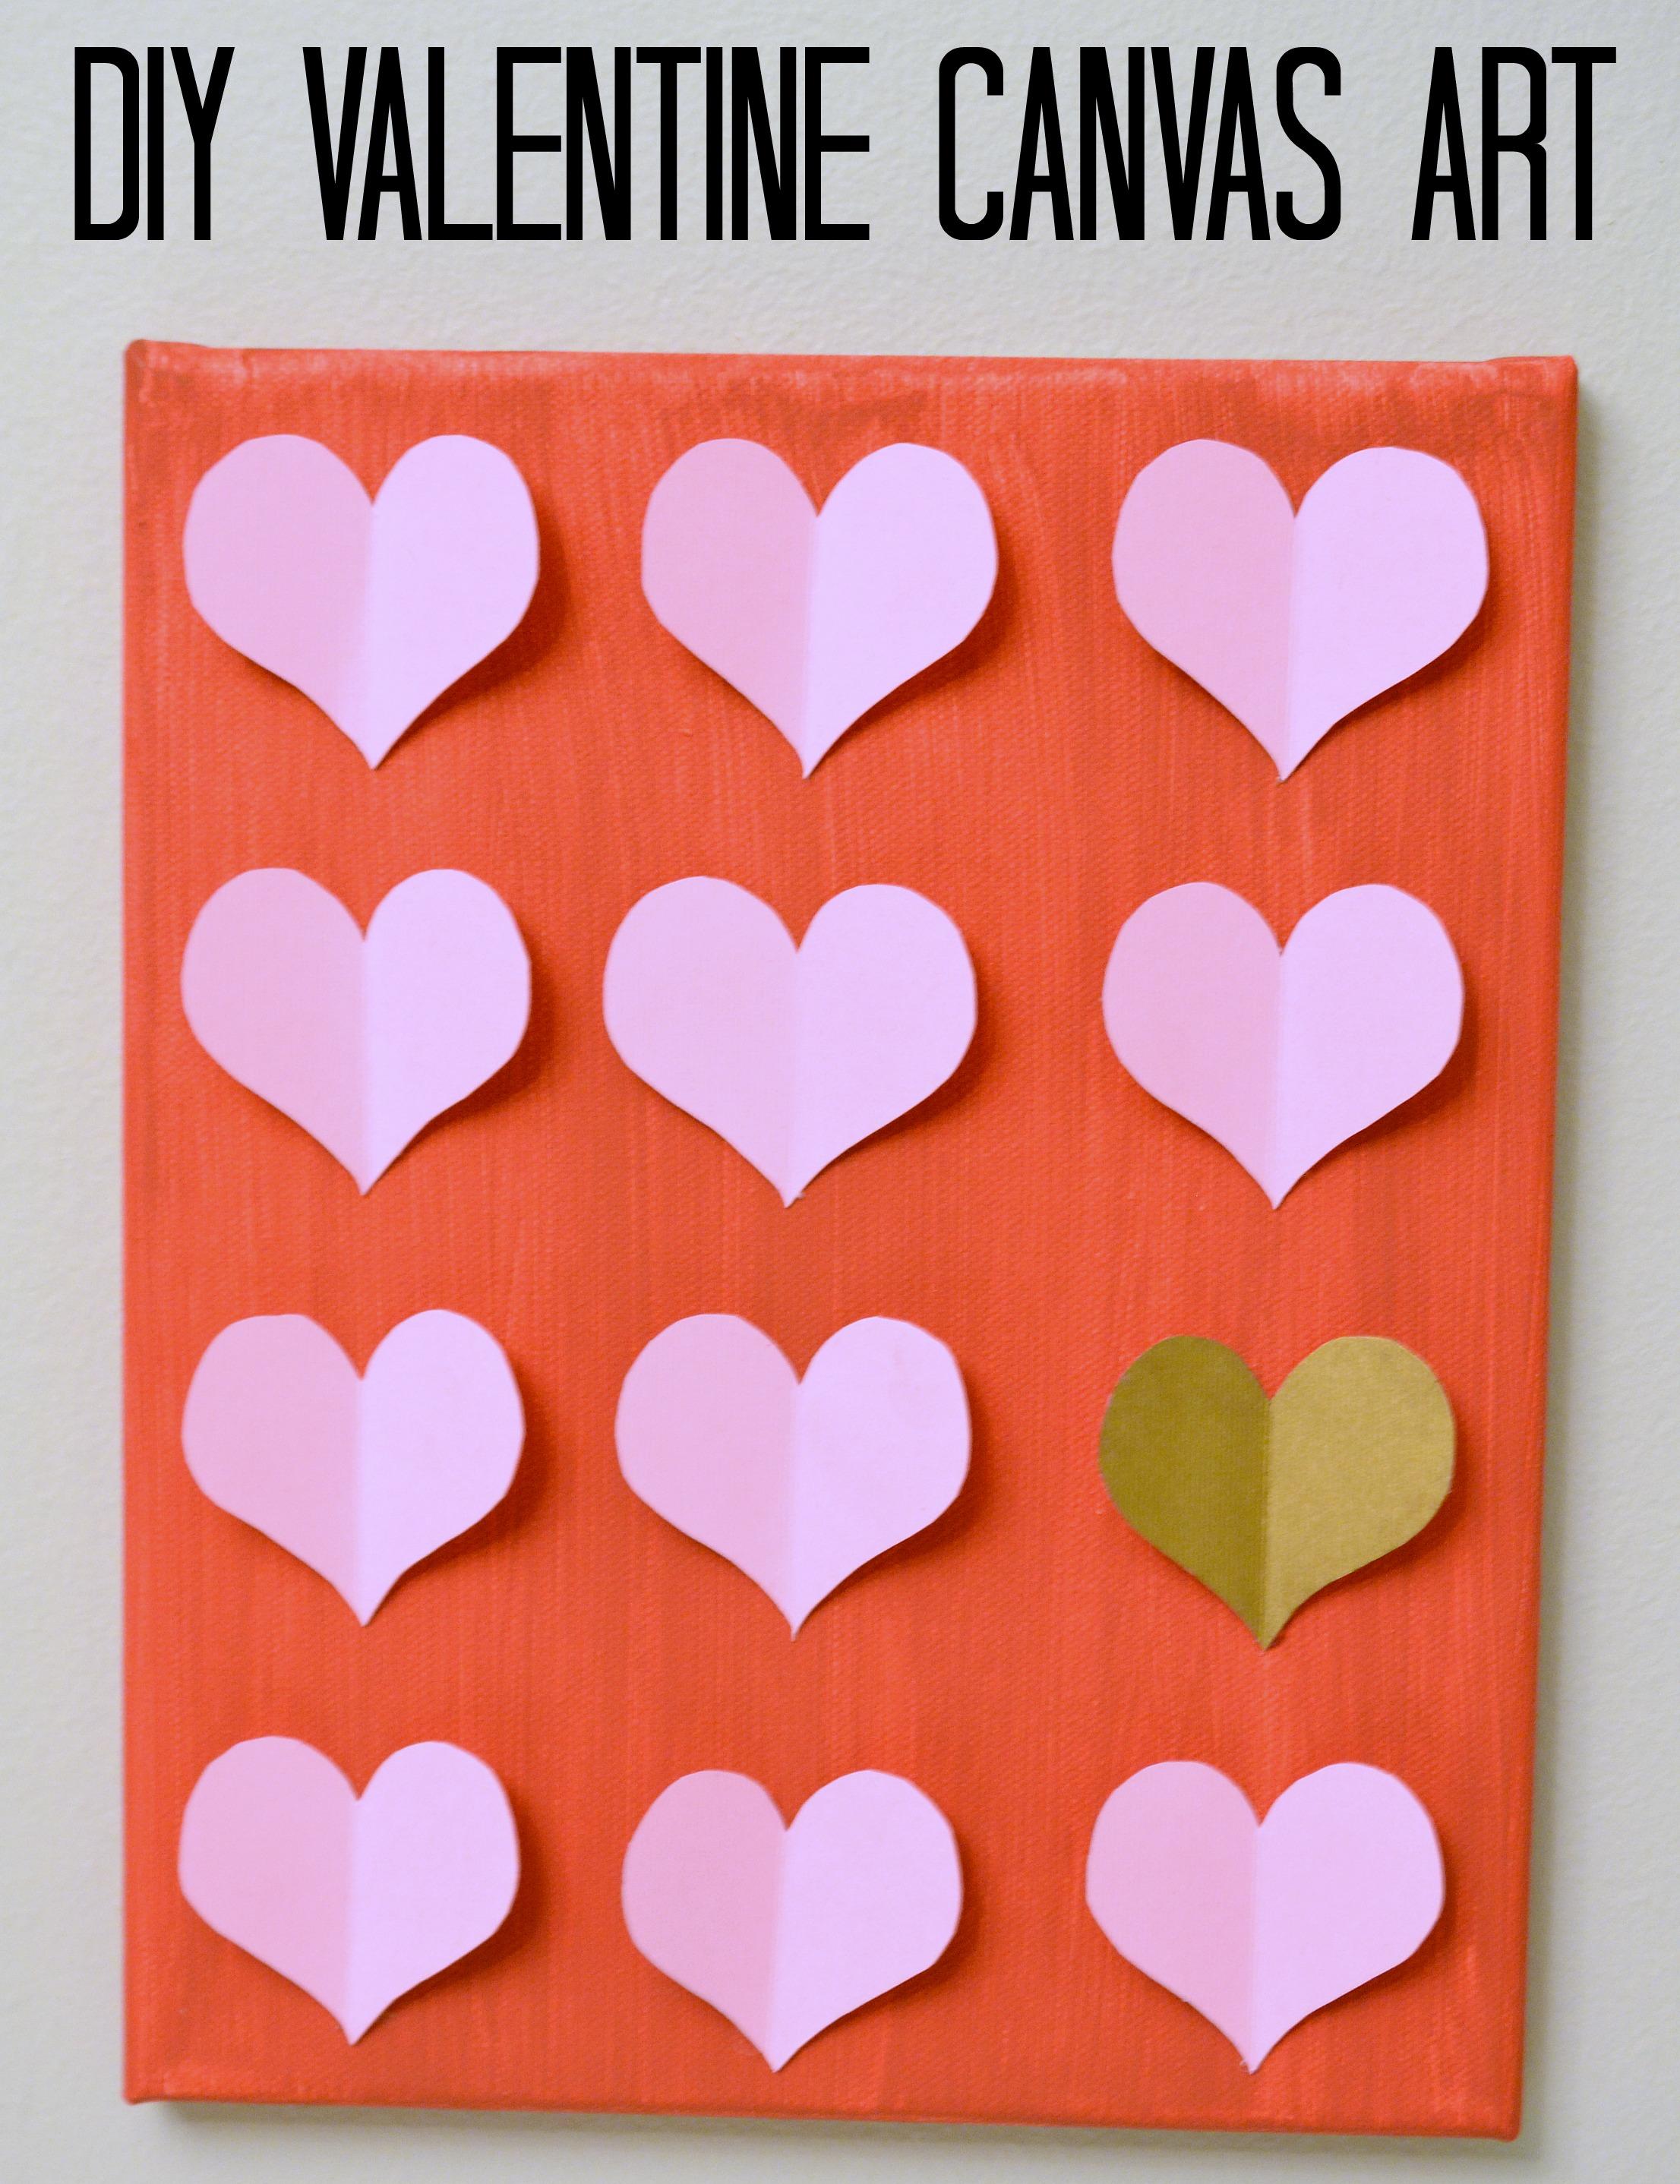 DIY Valentine Canvas Art 3